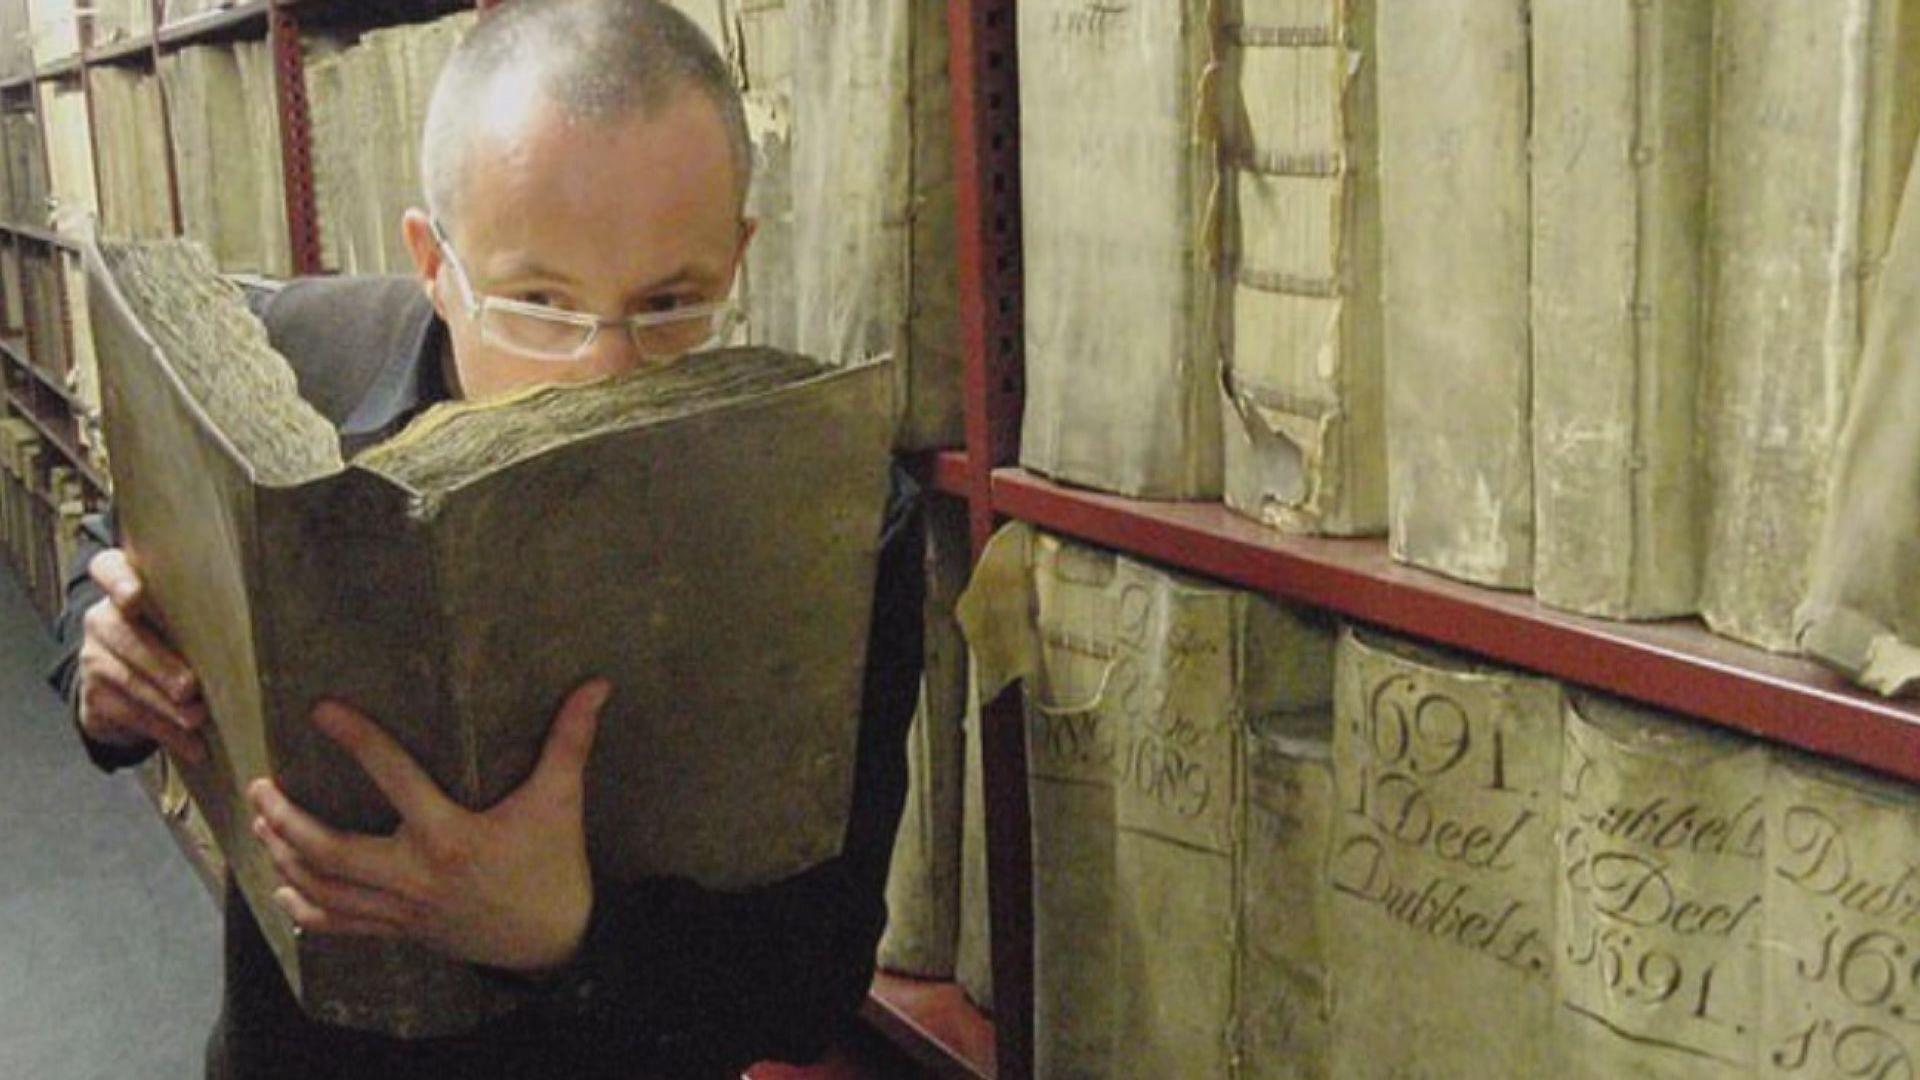 【環球薈報】歐洲科學家利用人工智能重建古時氣味